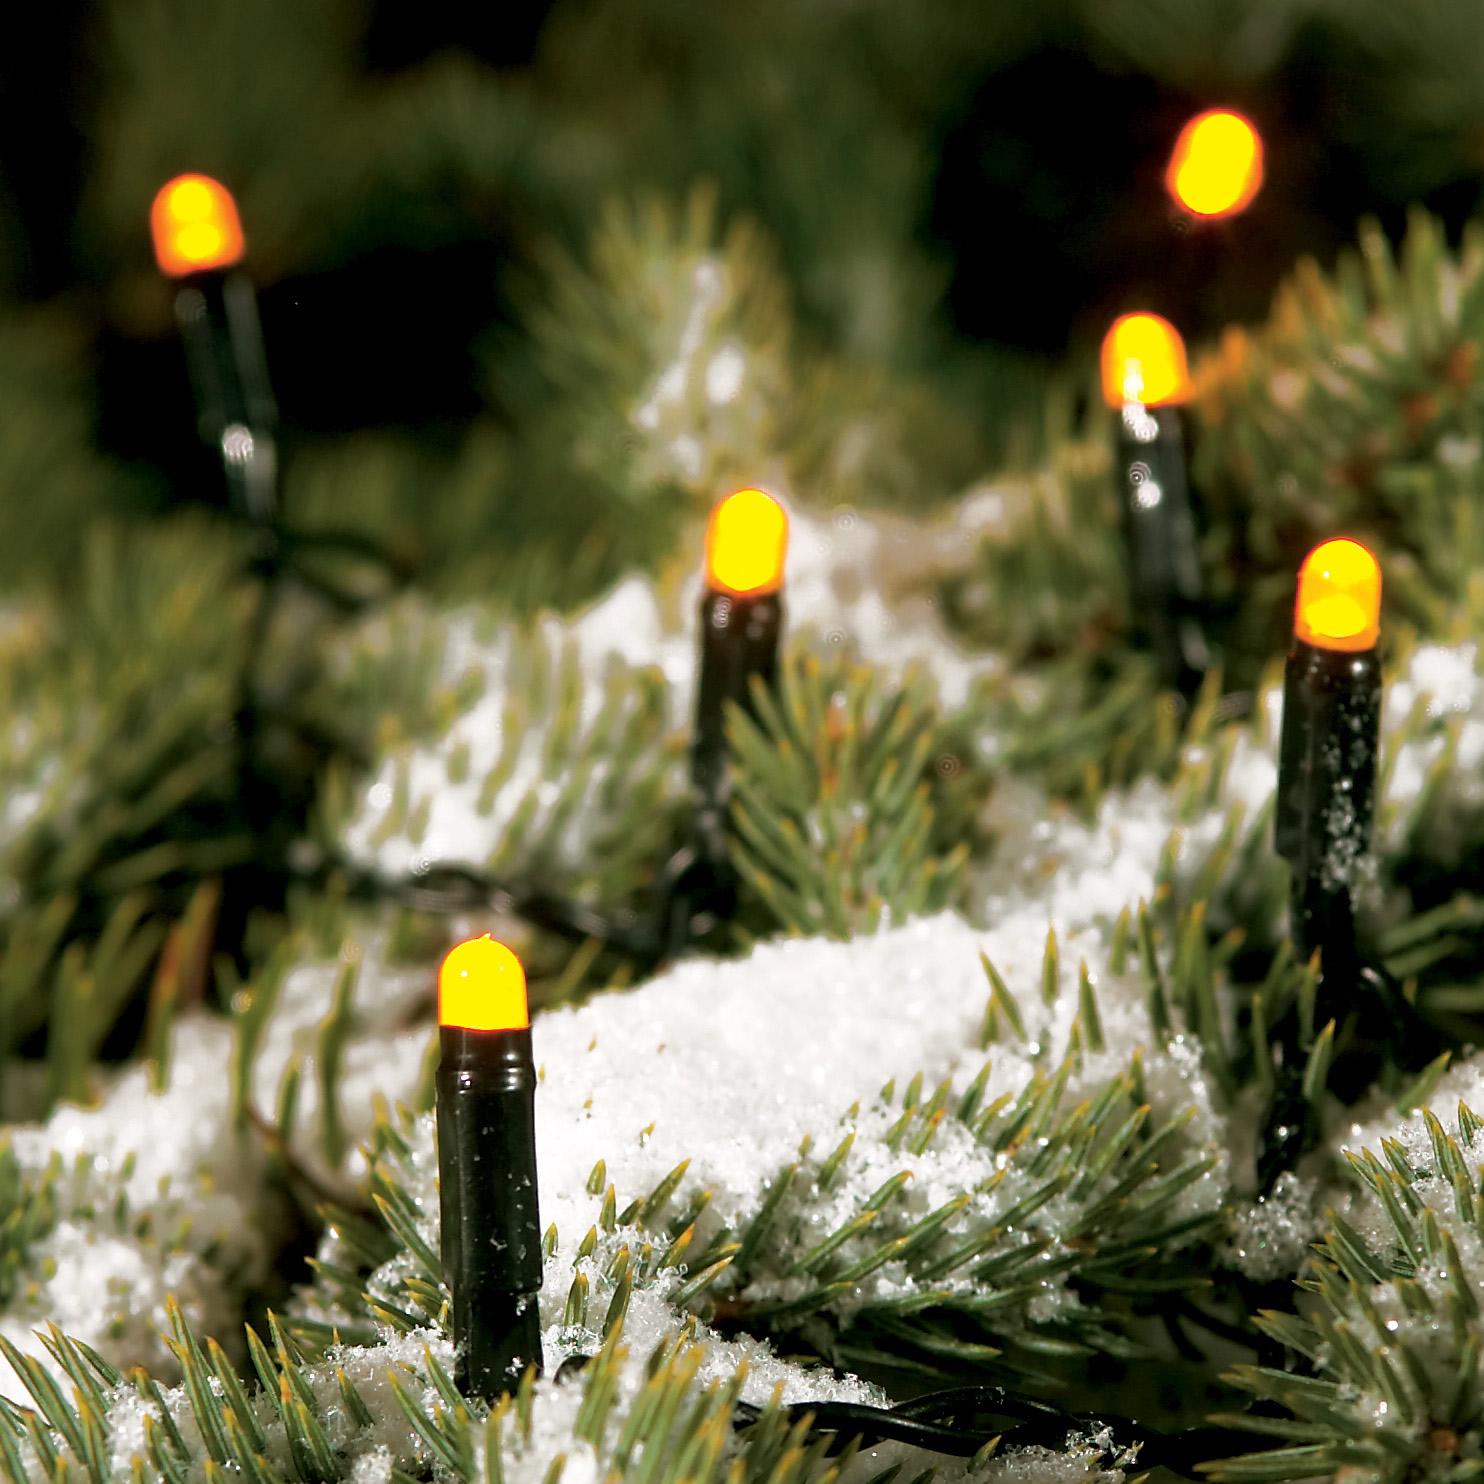 Konstsmide LED-Lichterkette gelb, 29m (120 LEDs) 3612-000